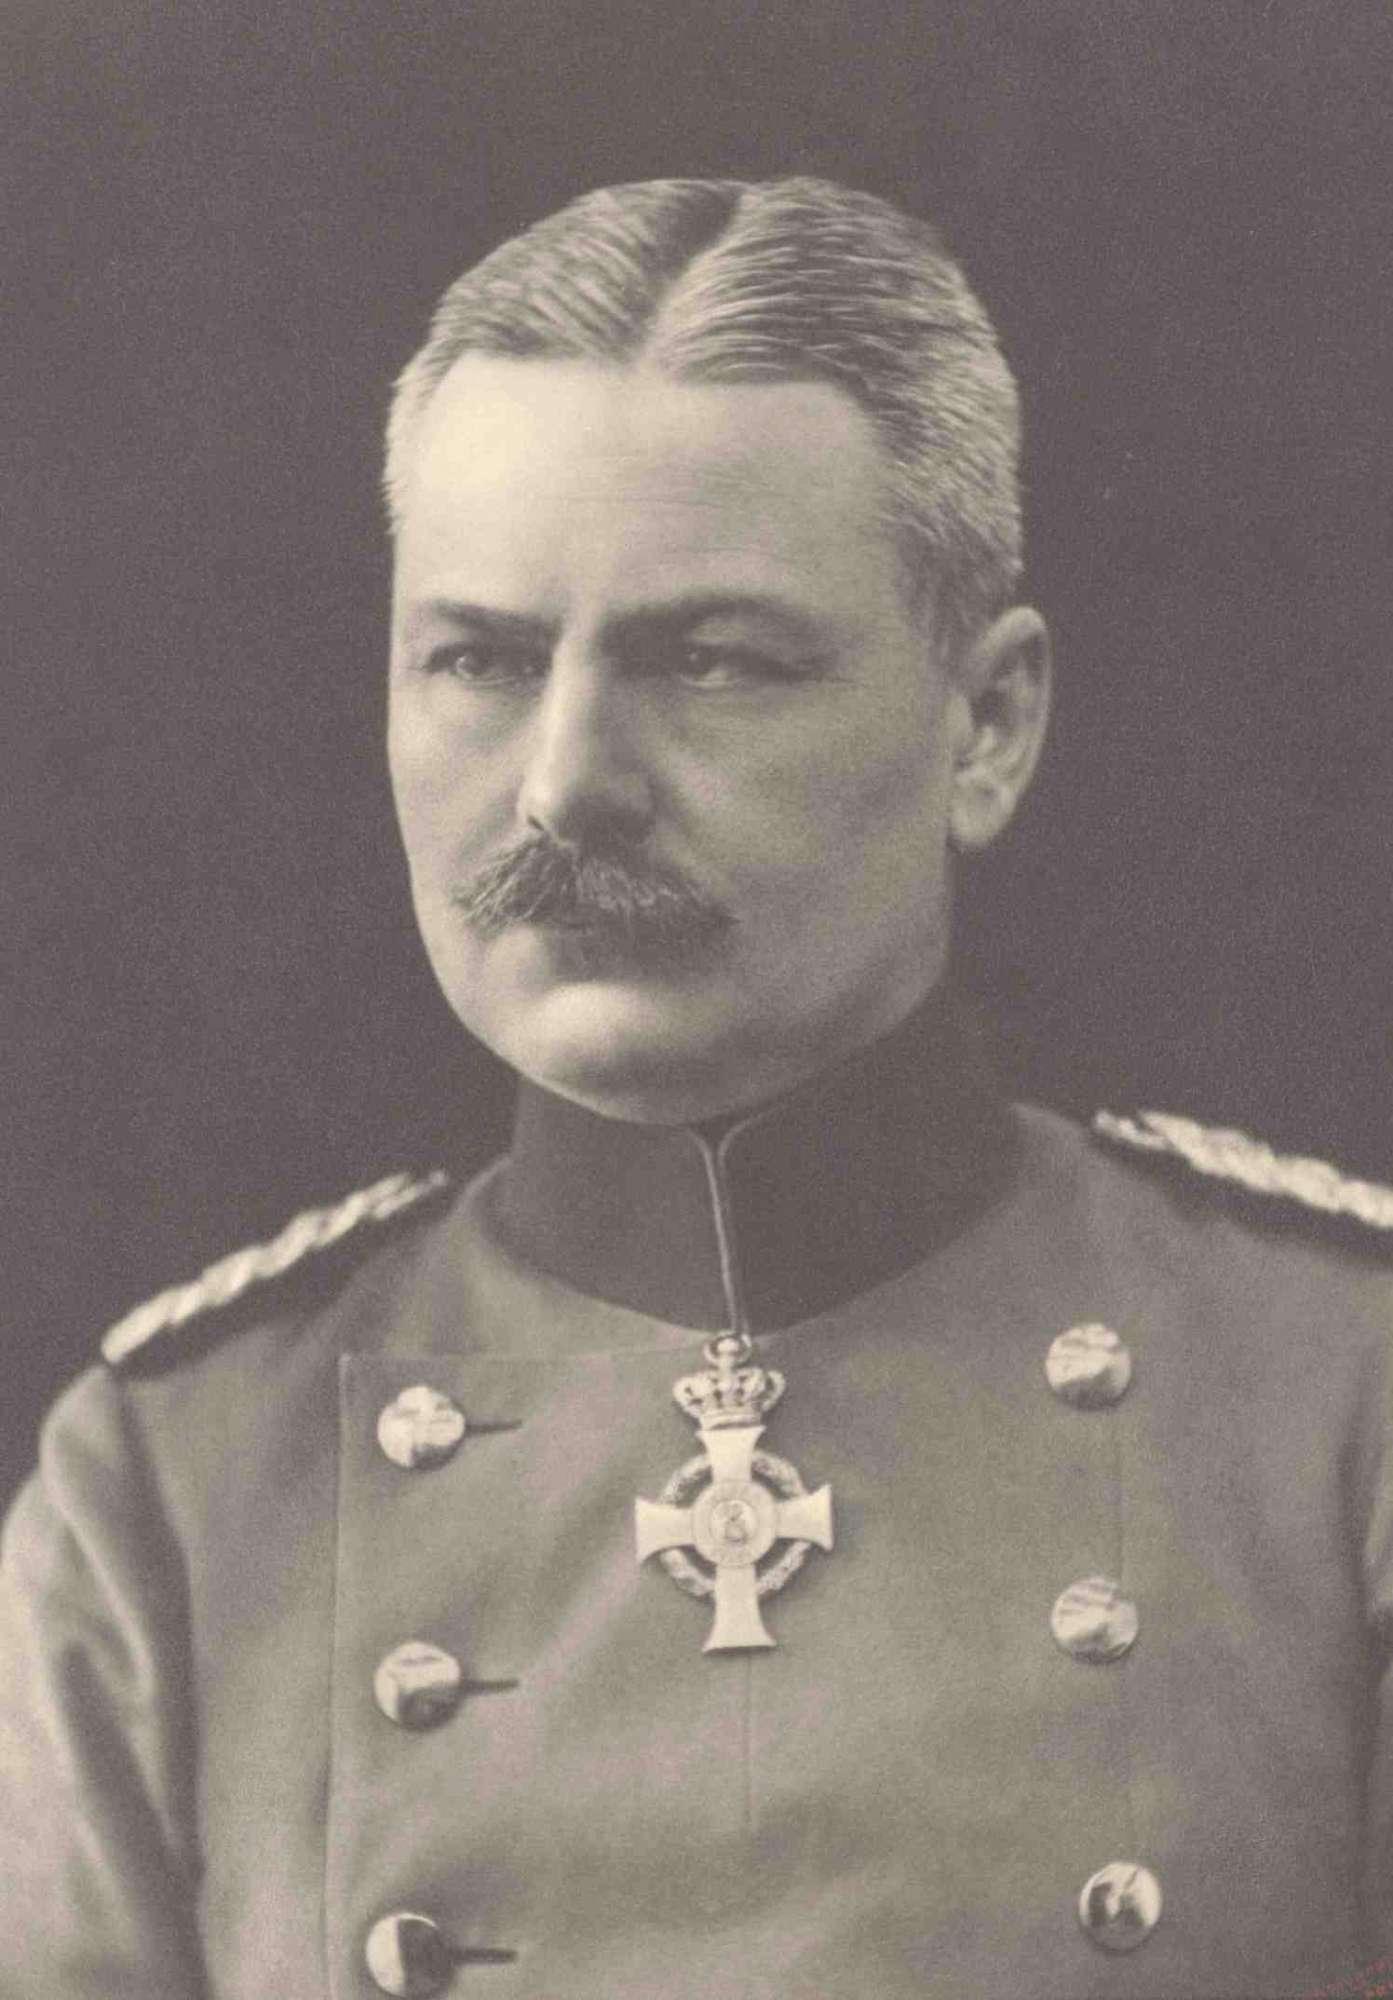 Otto von Moser, Oberst und Kommandeur des Regiments von 1910-1913, Brustbild, Bild 1